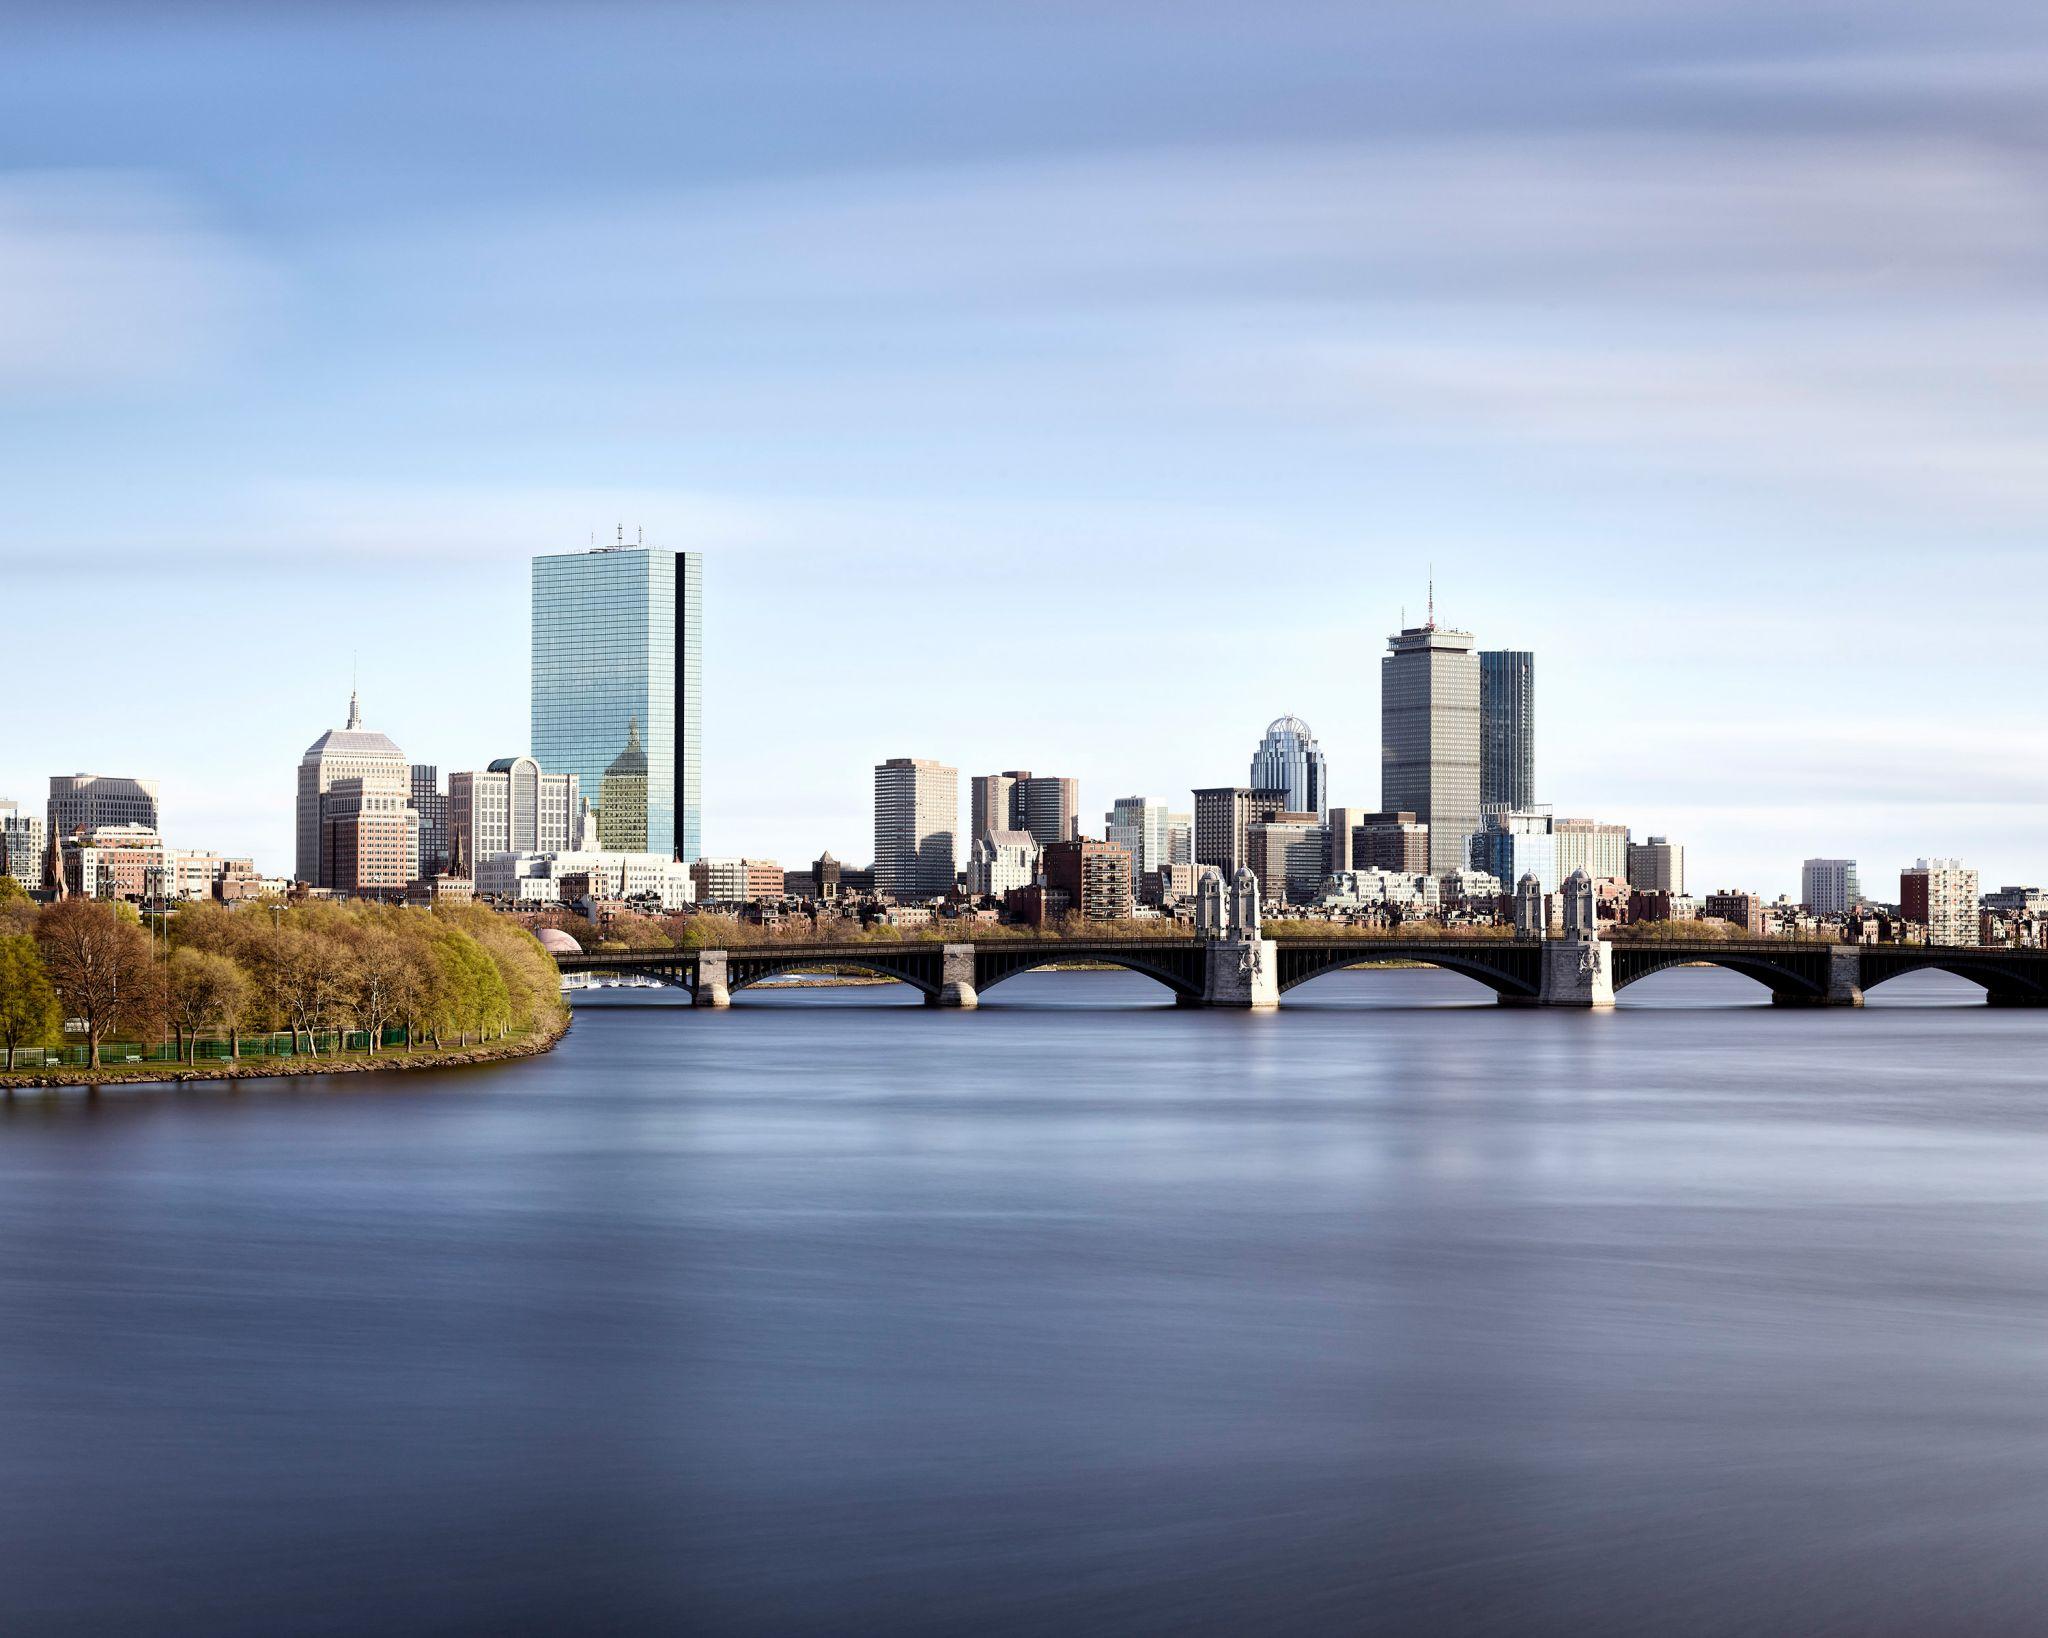 Boston Back Bay, USA